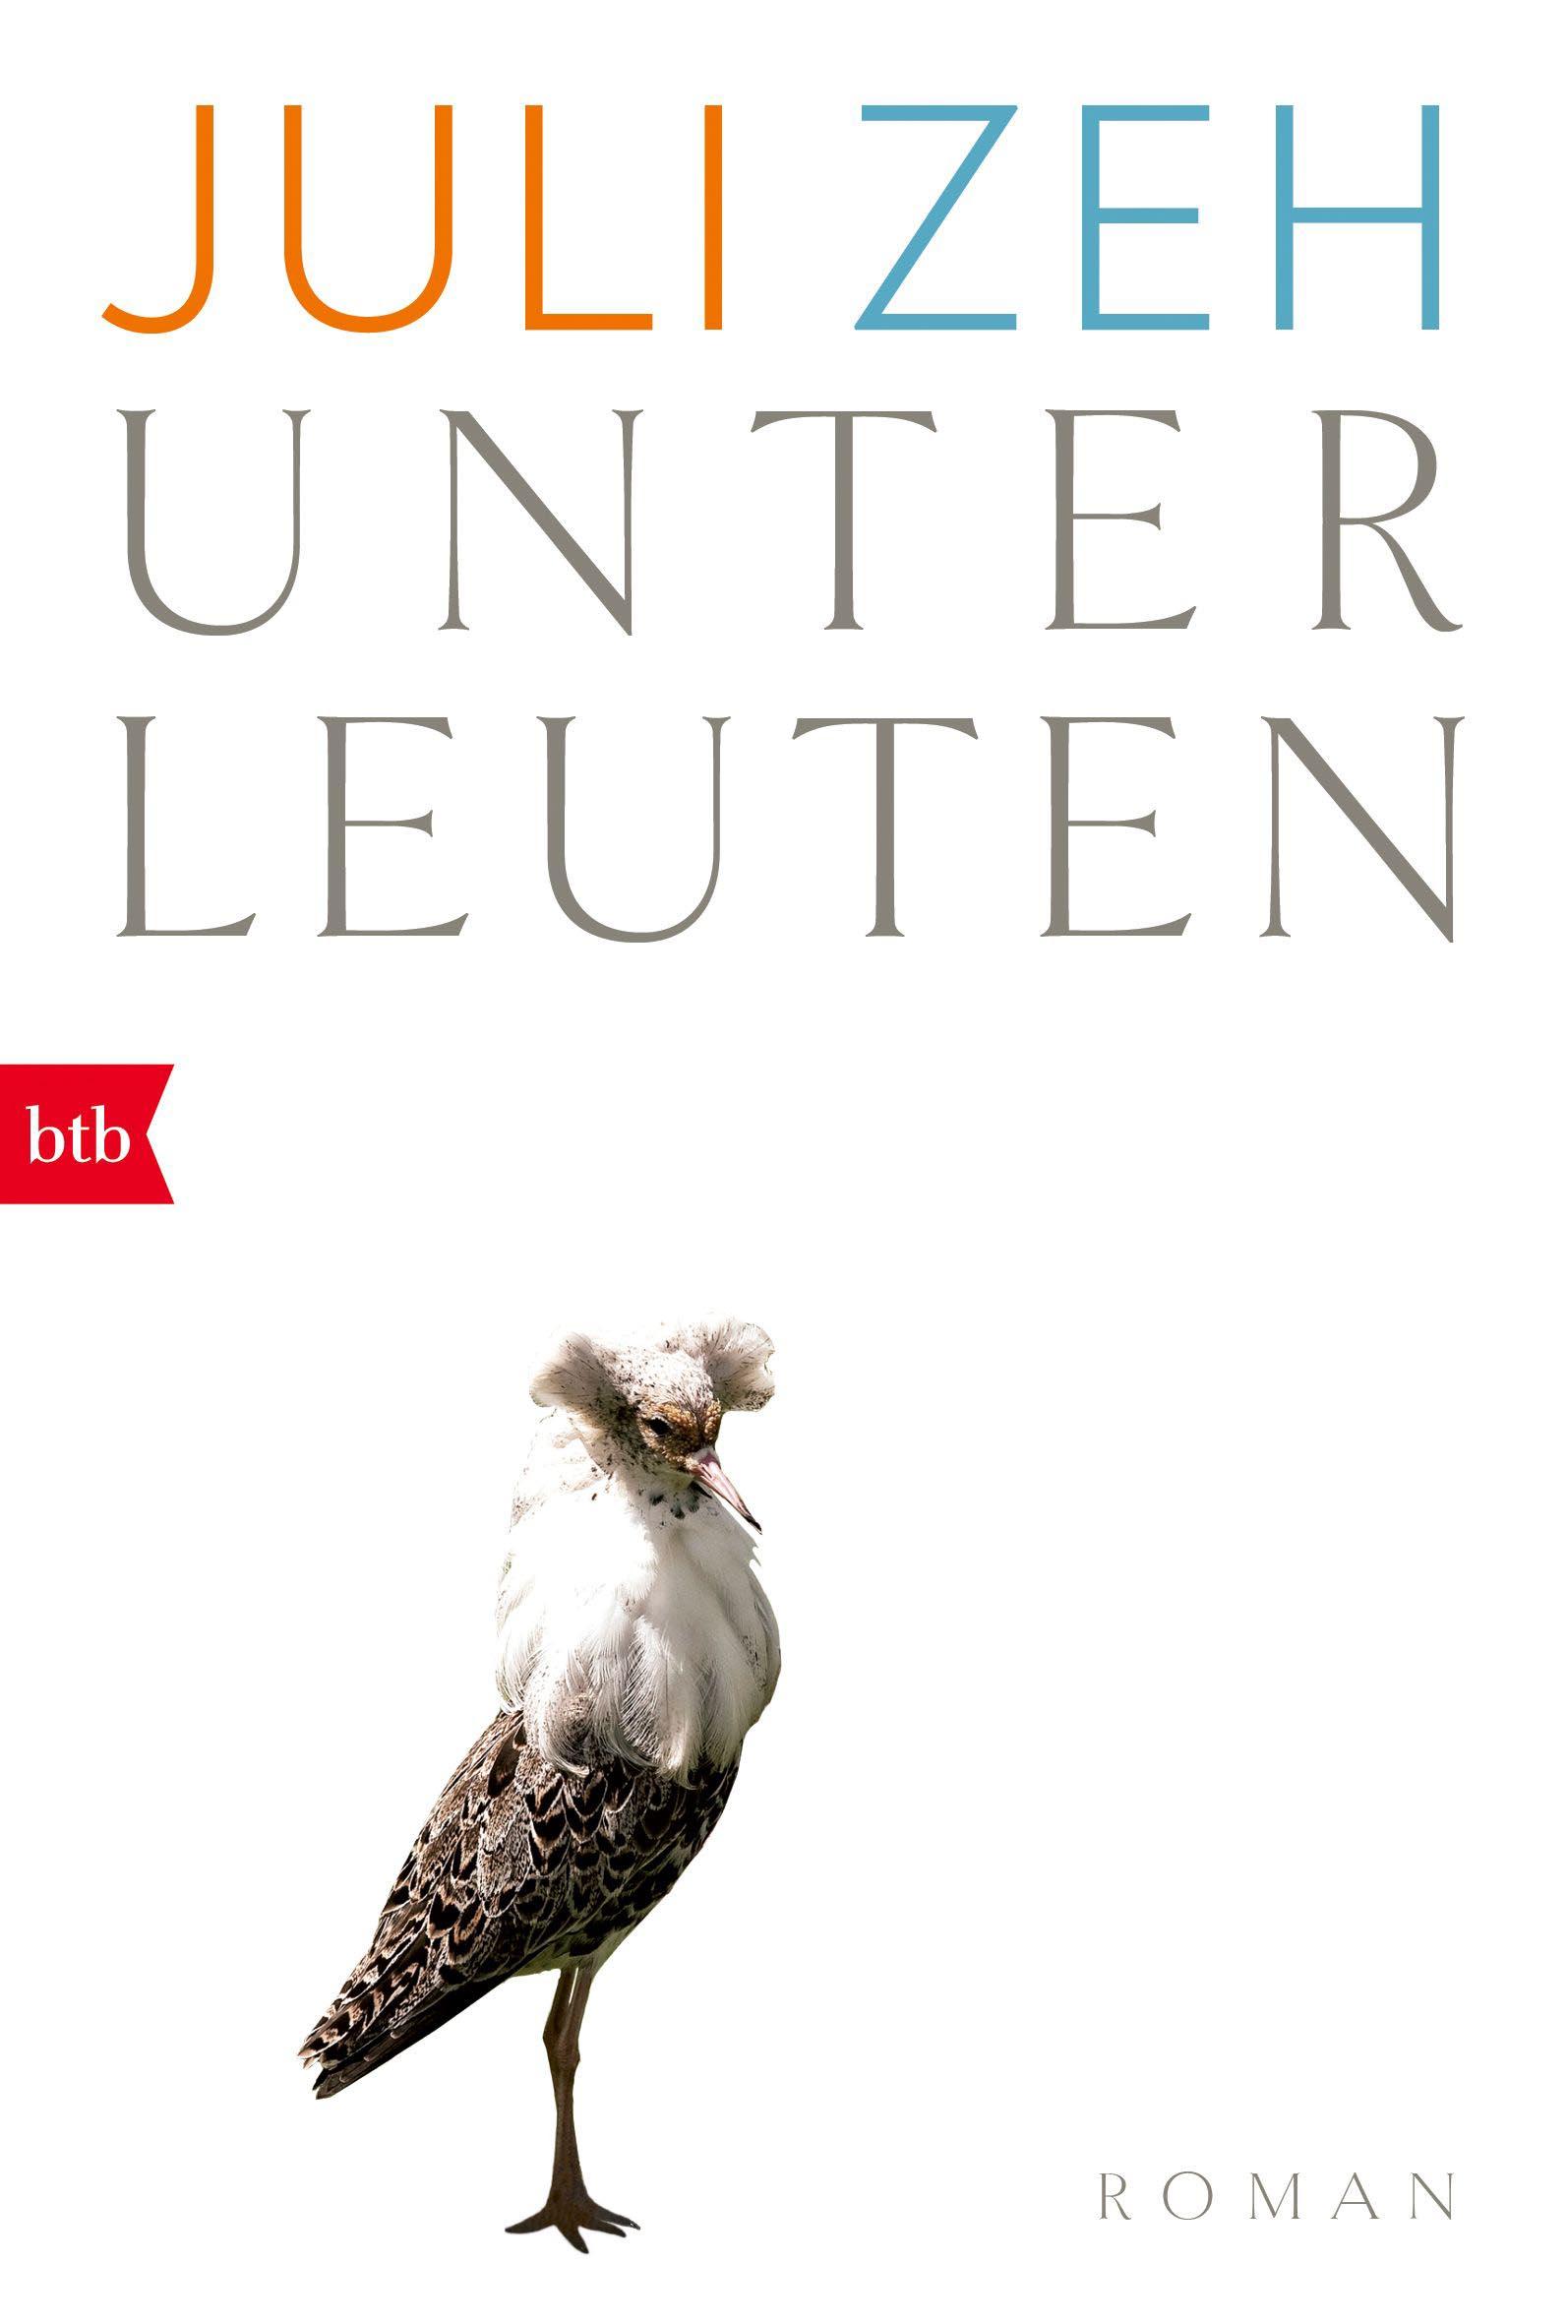 Buchcover mit Vogel